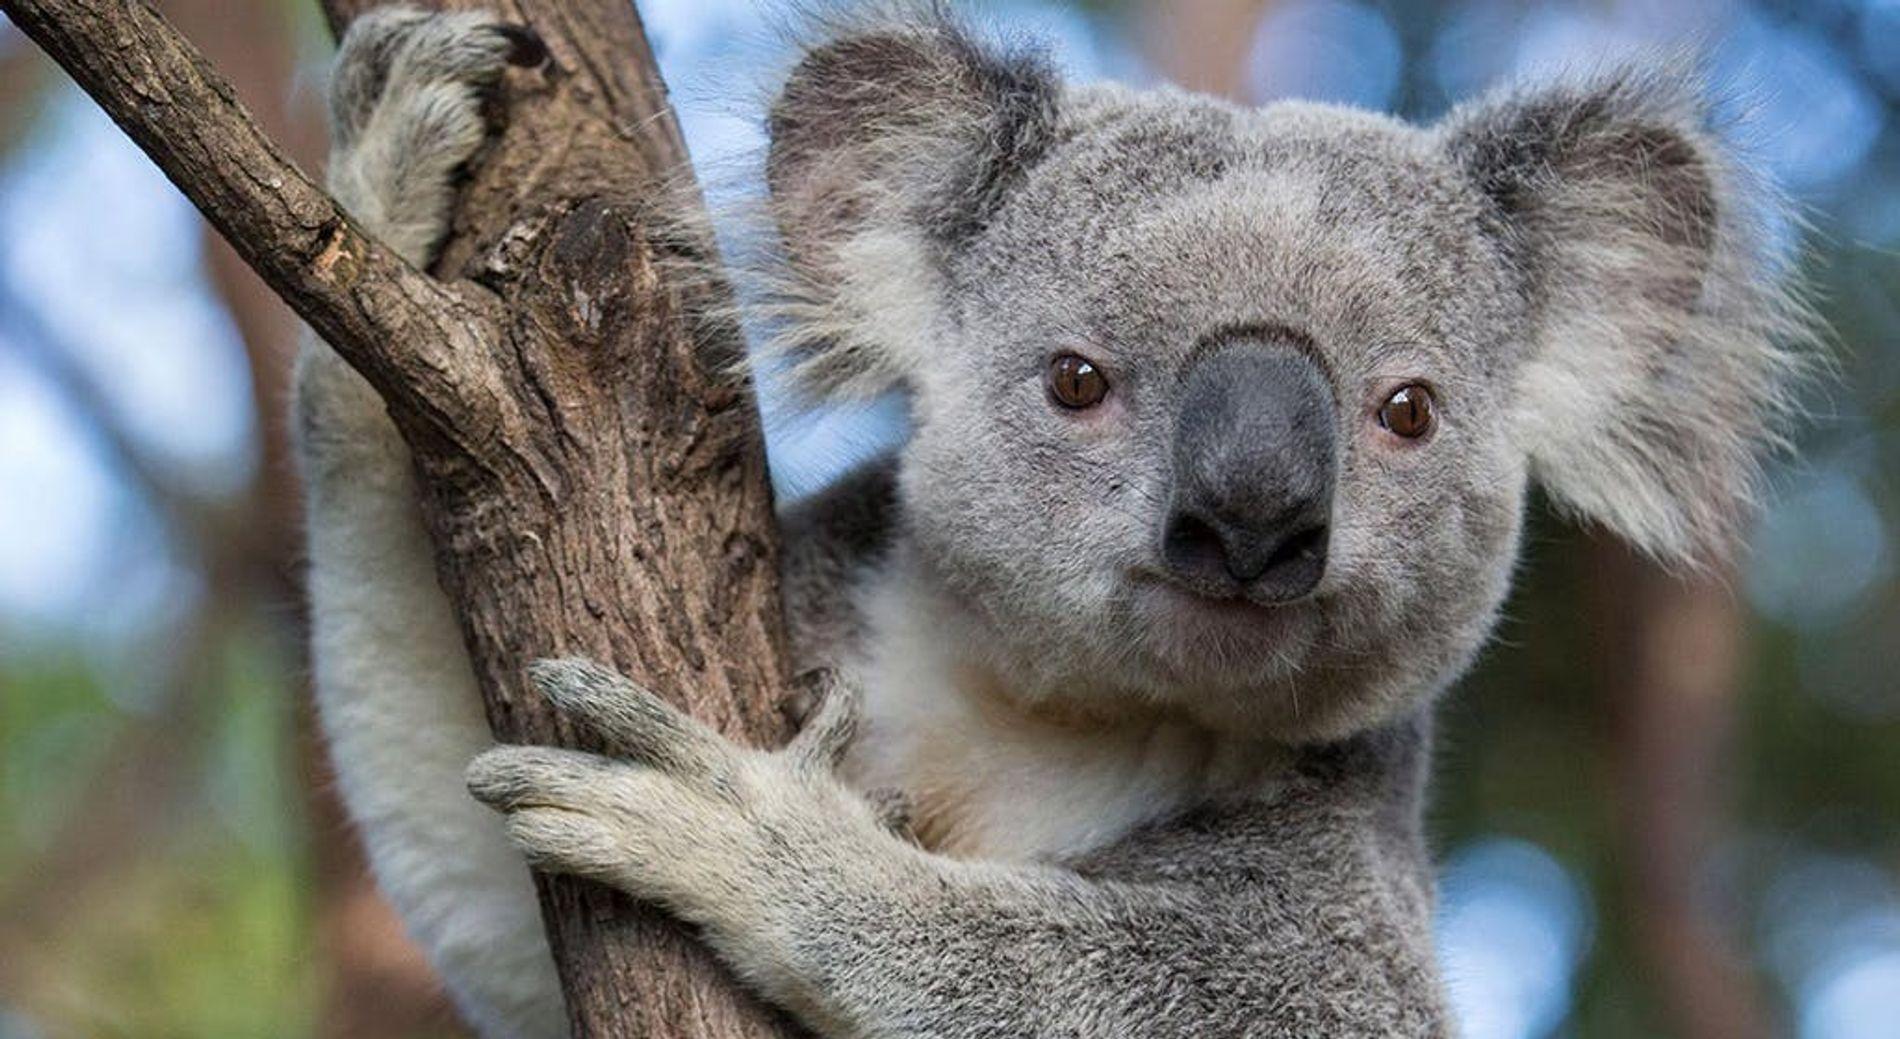 Ce koala a été photographié dans le Queensland, un état australien. Ces marsupiaux emblématiques vivent sur ...